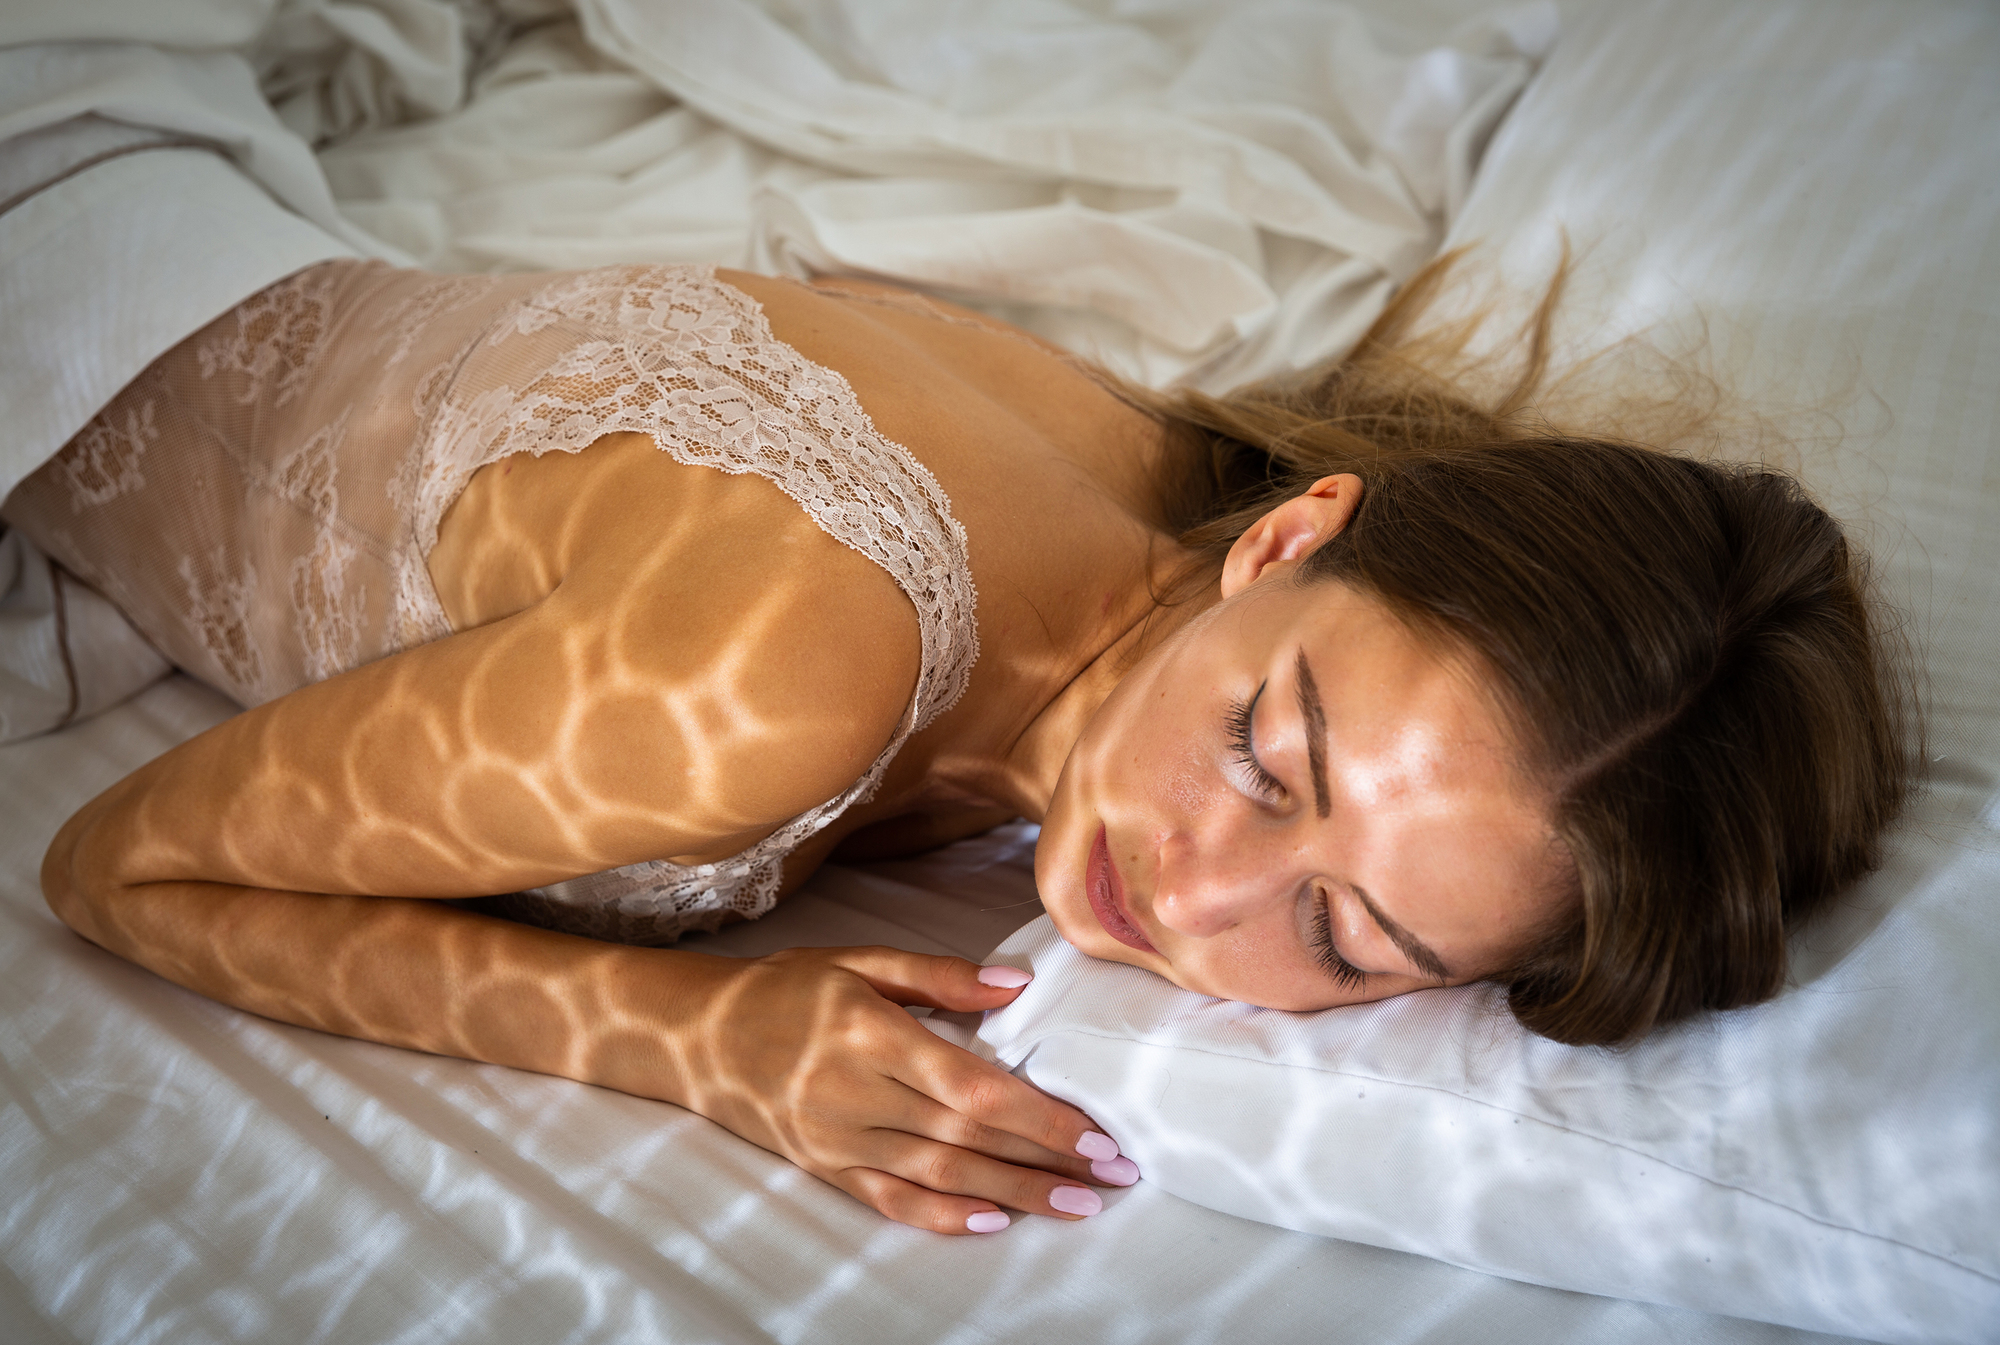 女性がベッドの上で寝ている